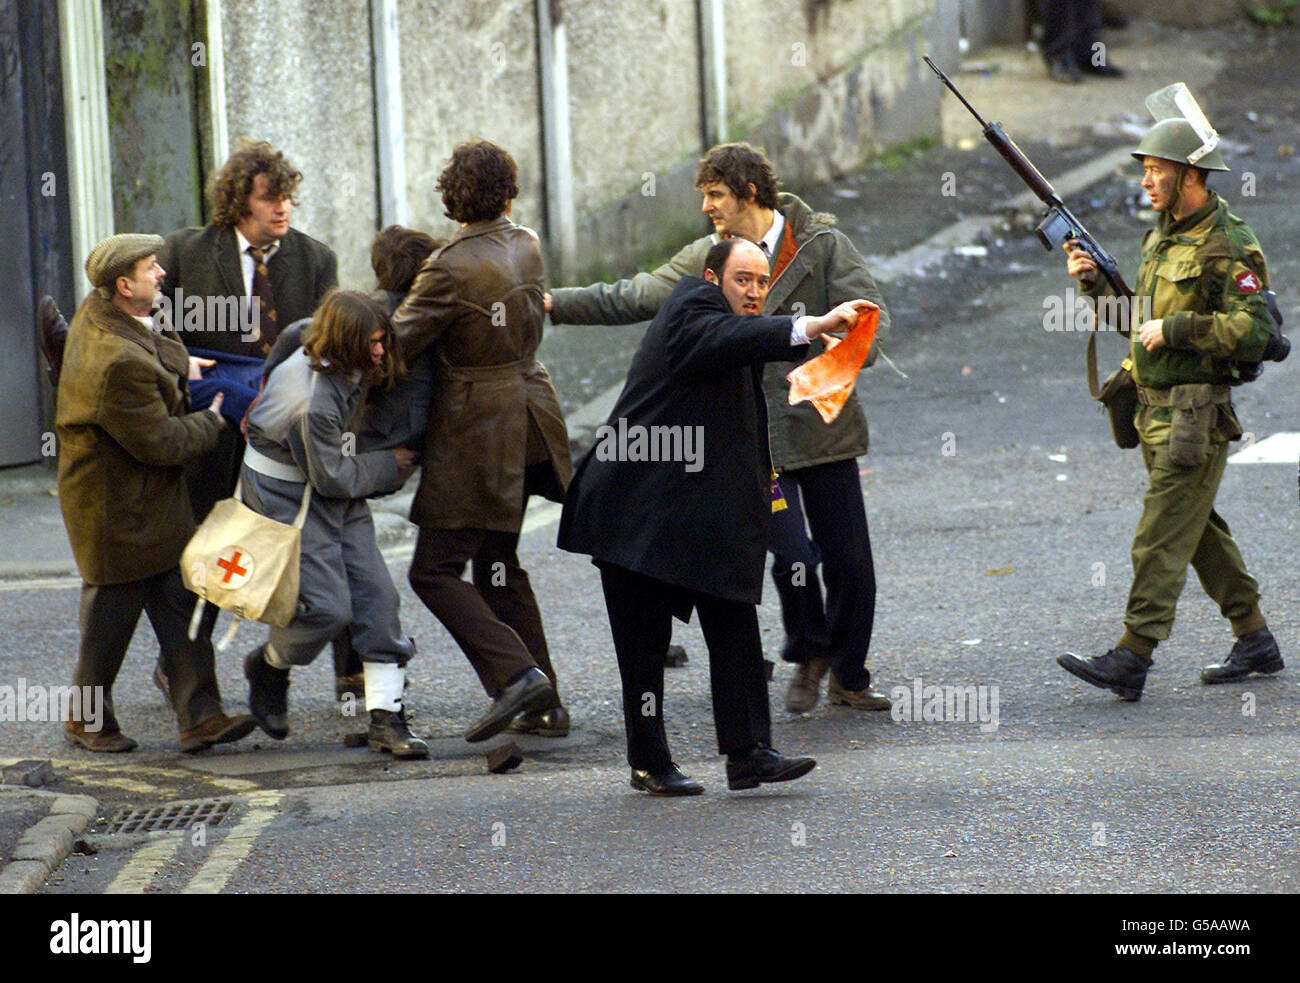 bloody sunday film stock photo royalty free image